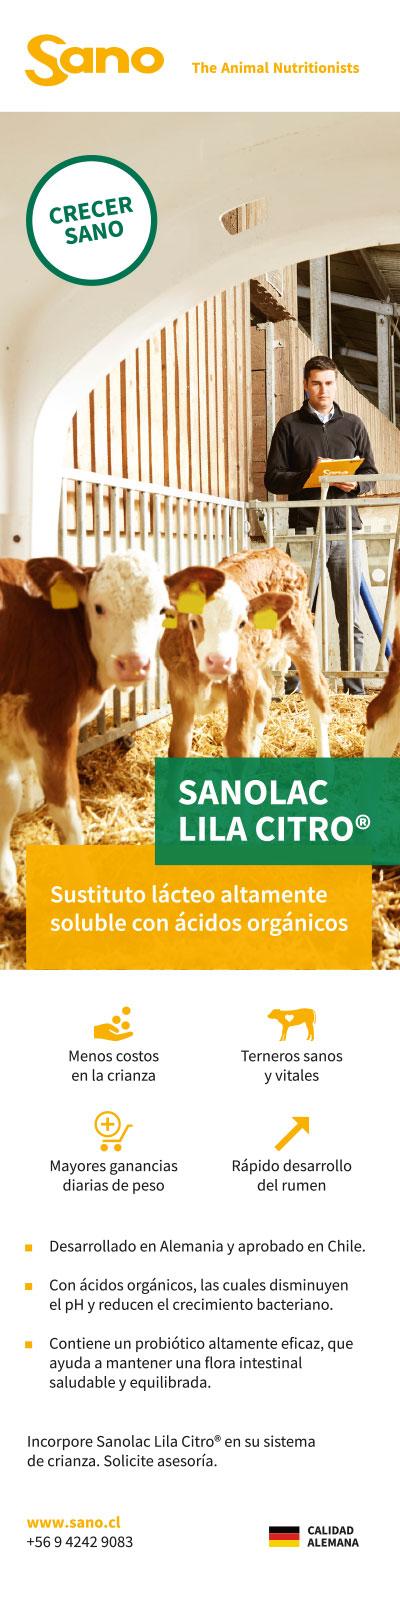 SANO - Anuncios Revista Infortambo - 5